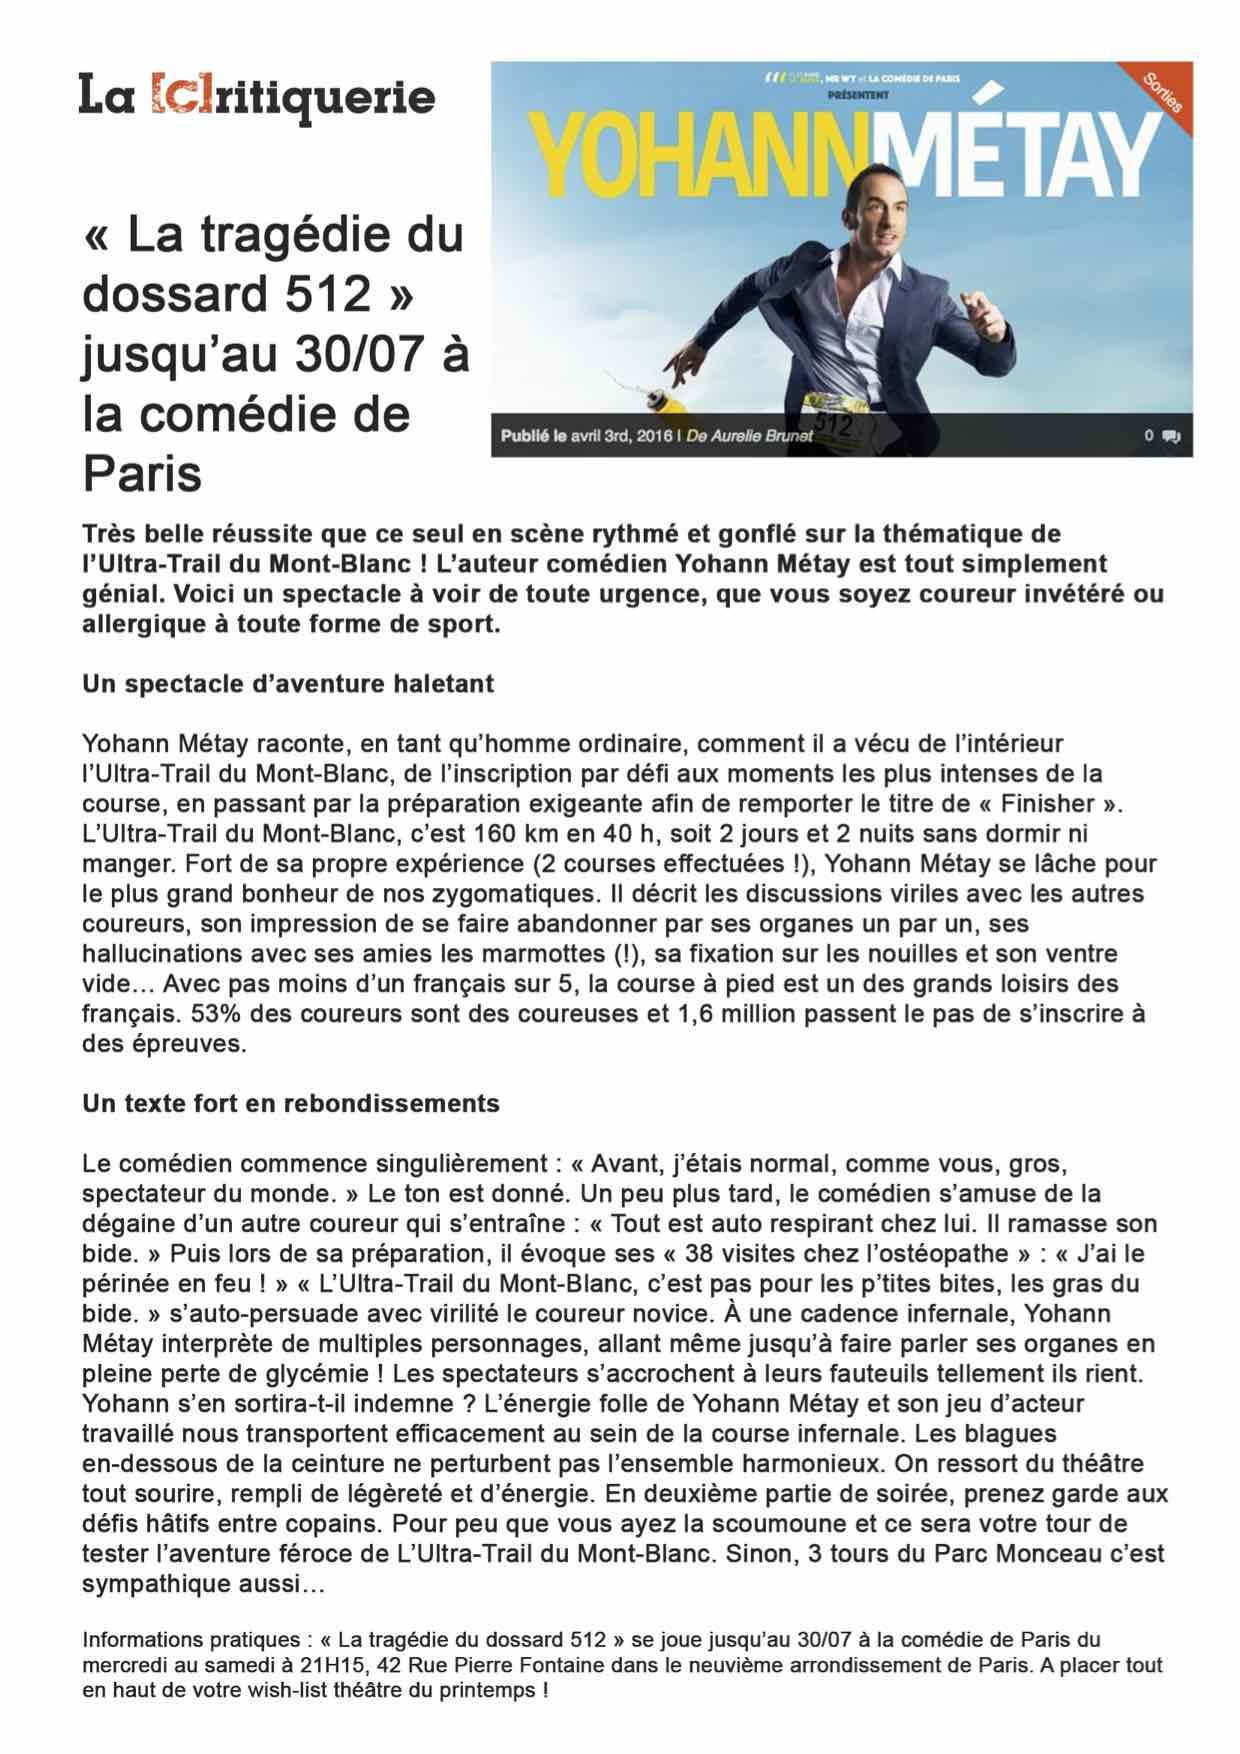 LaCritiquerie.fr 03.04.16